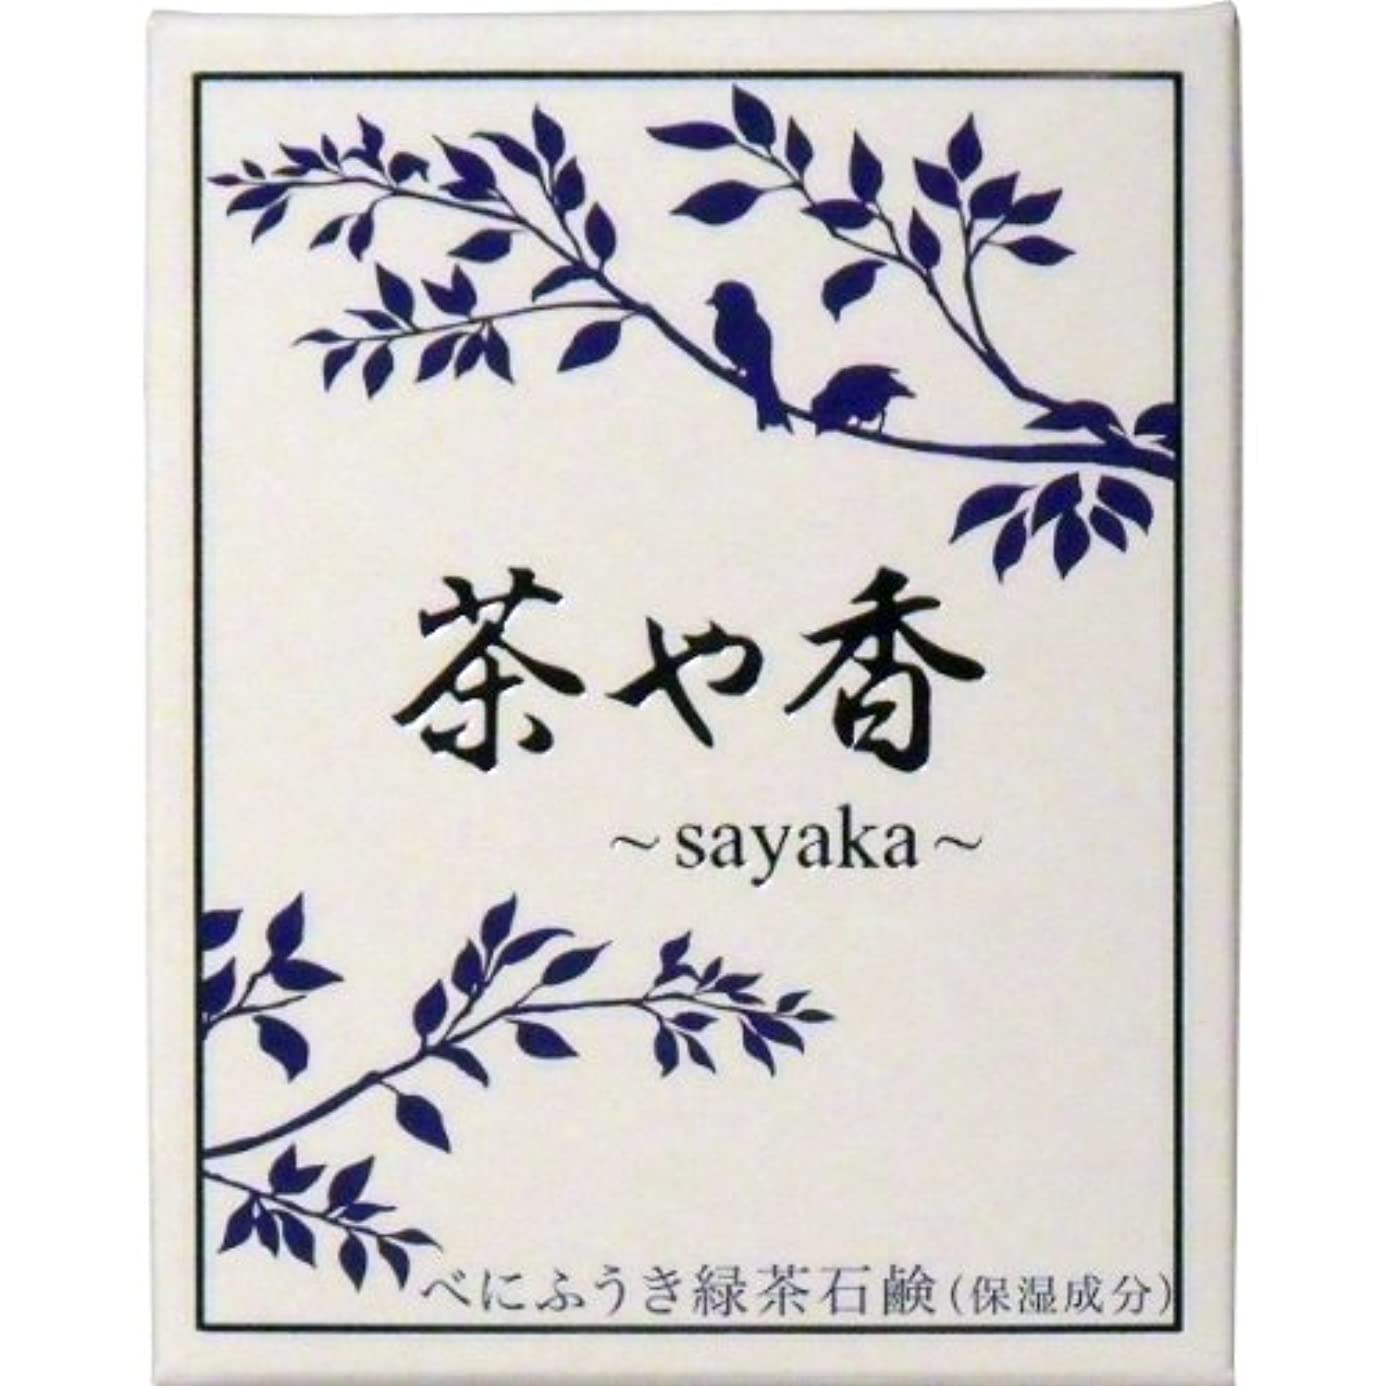 筋反逆者ストレス茶や香 -sayaka- べにふうき緑茶石鹸 100g入 ×5個セット